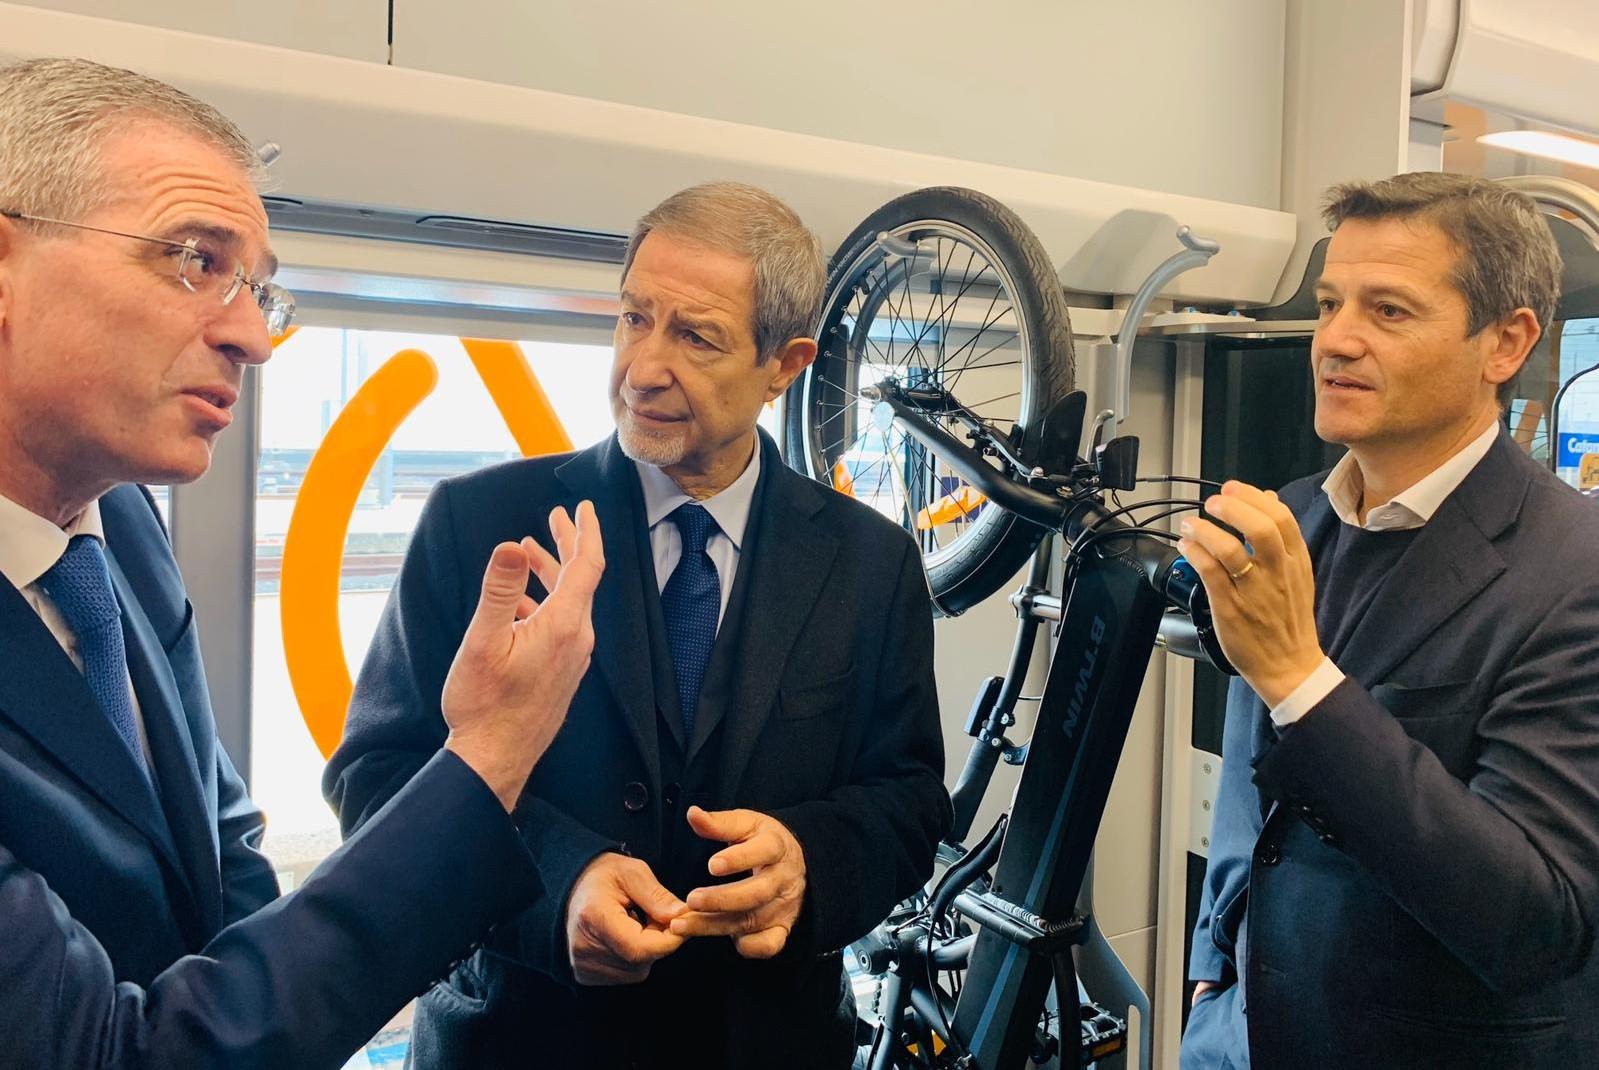 In Sicilia arrivano i nuovi treni, un giorno, forse, arriveranno le nuove ferrovie e i raddoppi ferroviari…